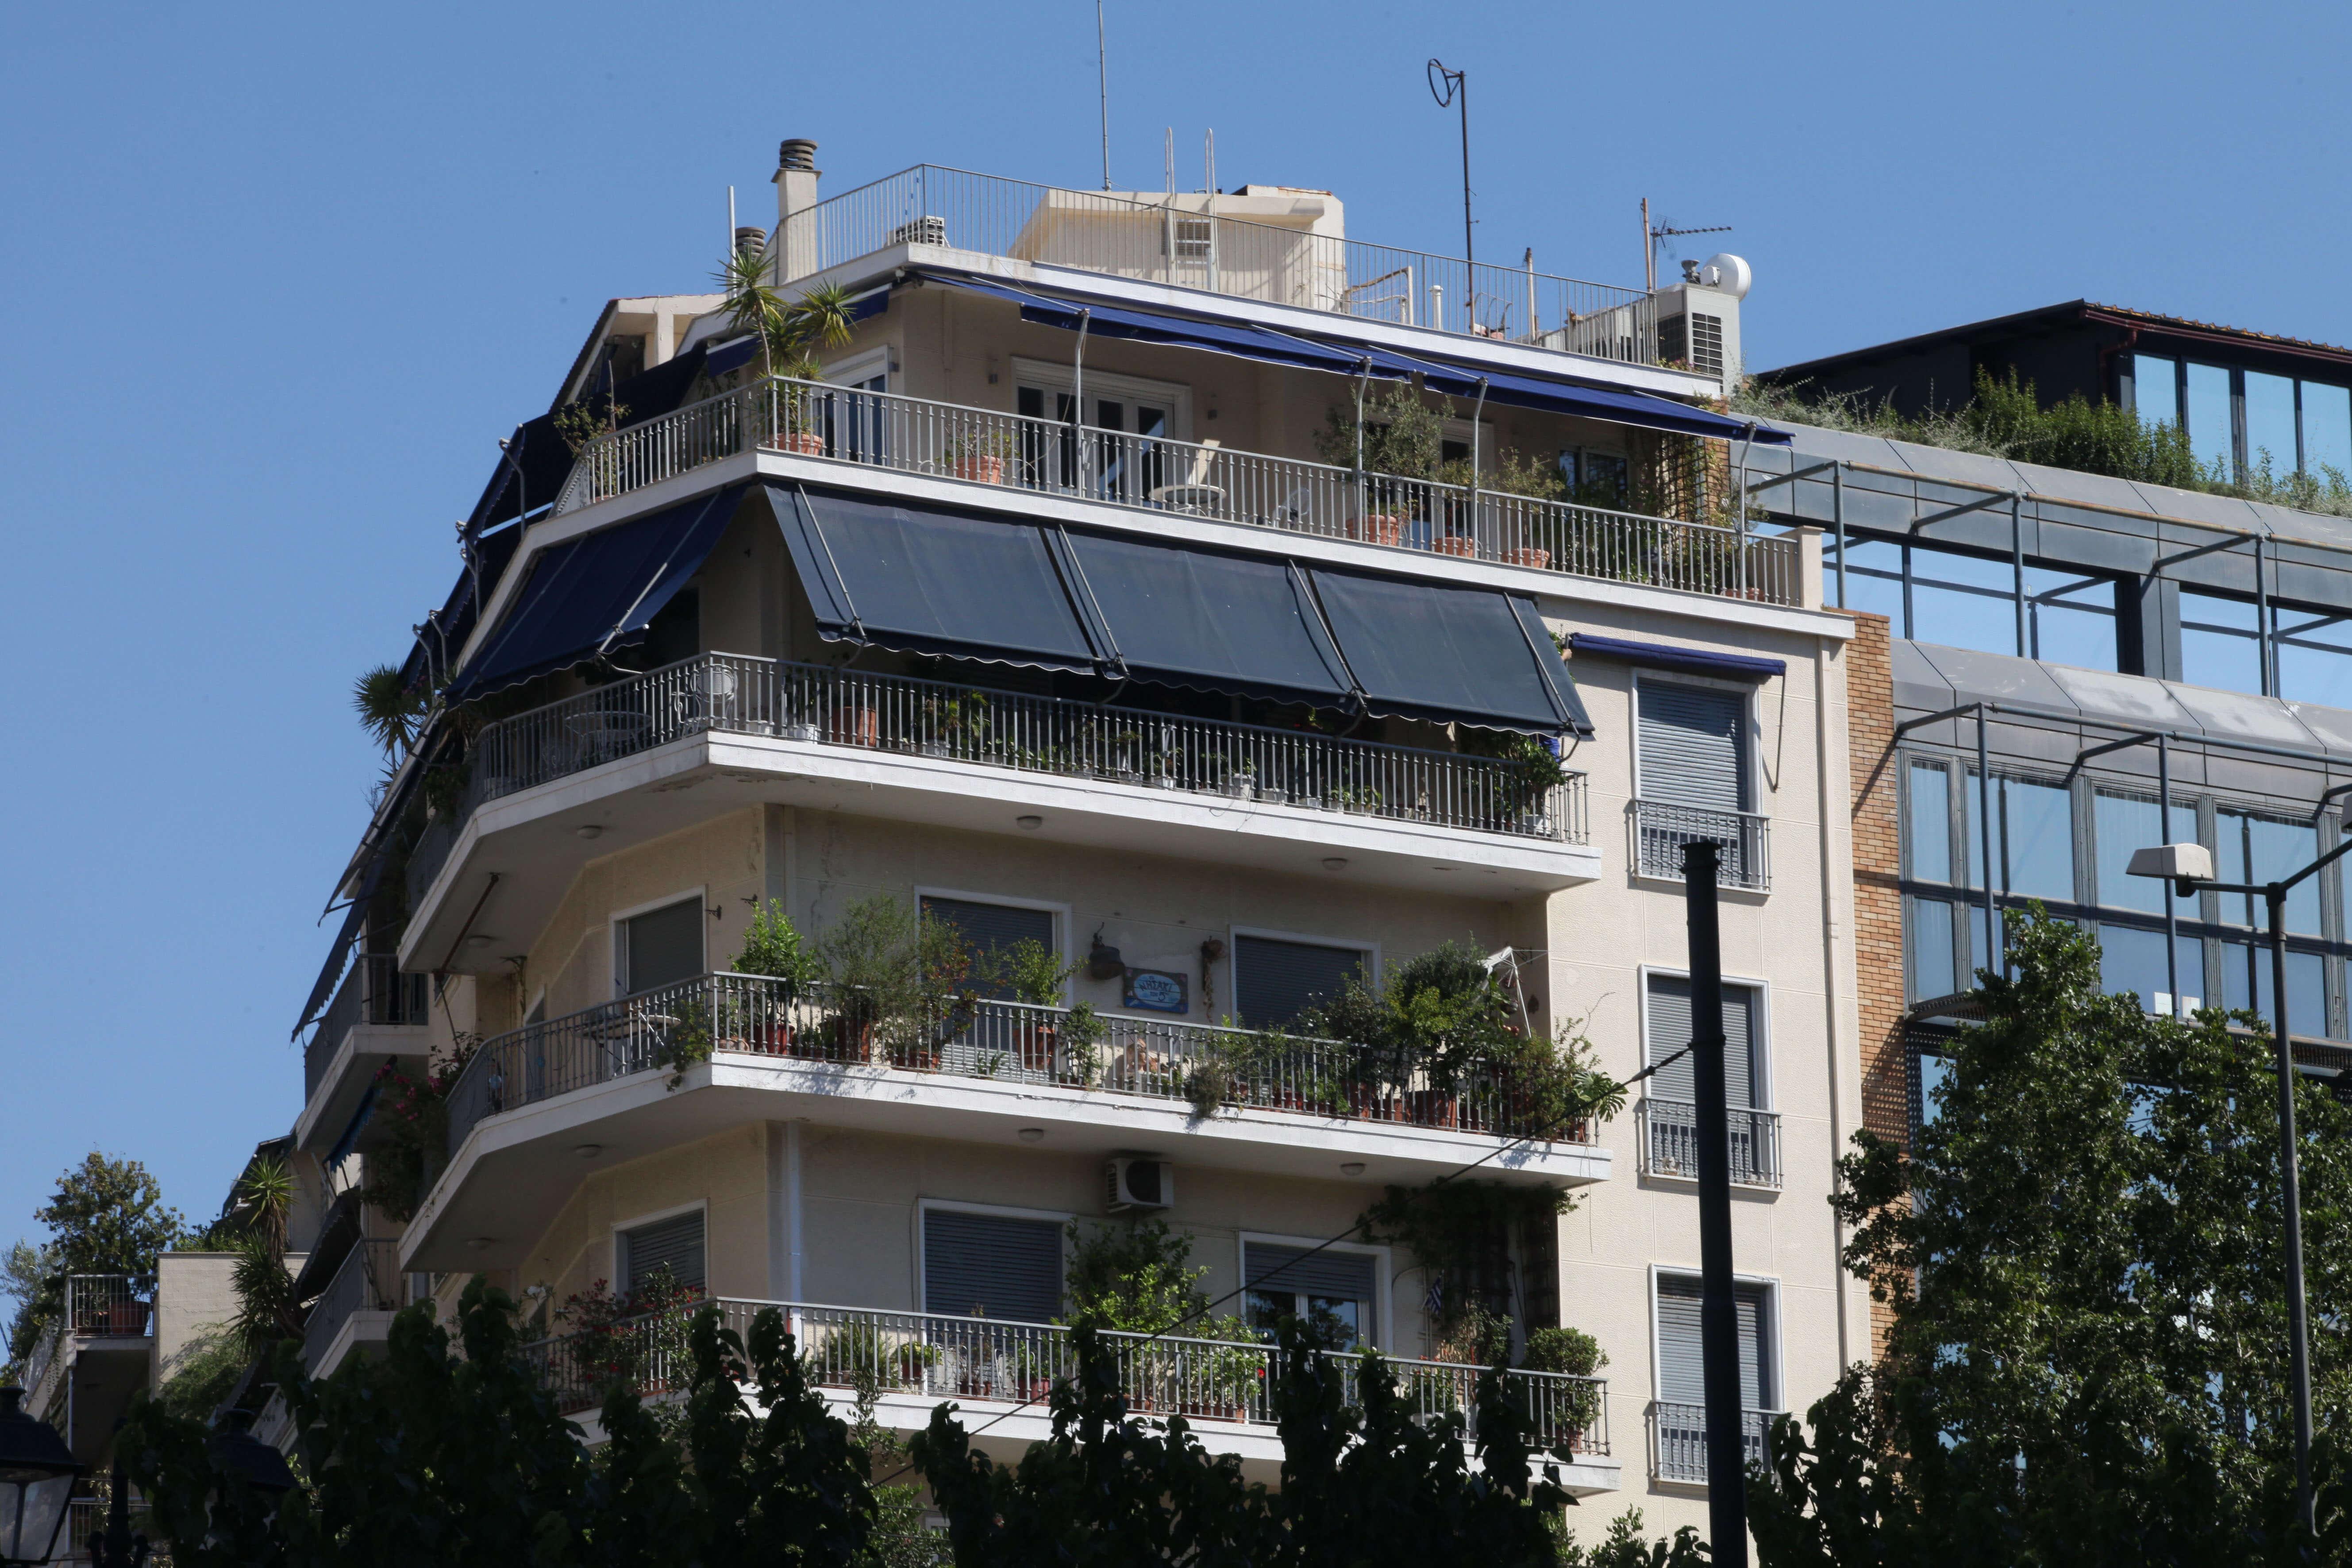 Η ανακαίνιση του σπιτιού μειώνει το εισόδημα και τον φόρο – Tι πρέπει να γνωρίζουν οι ιδιοκτήτες